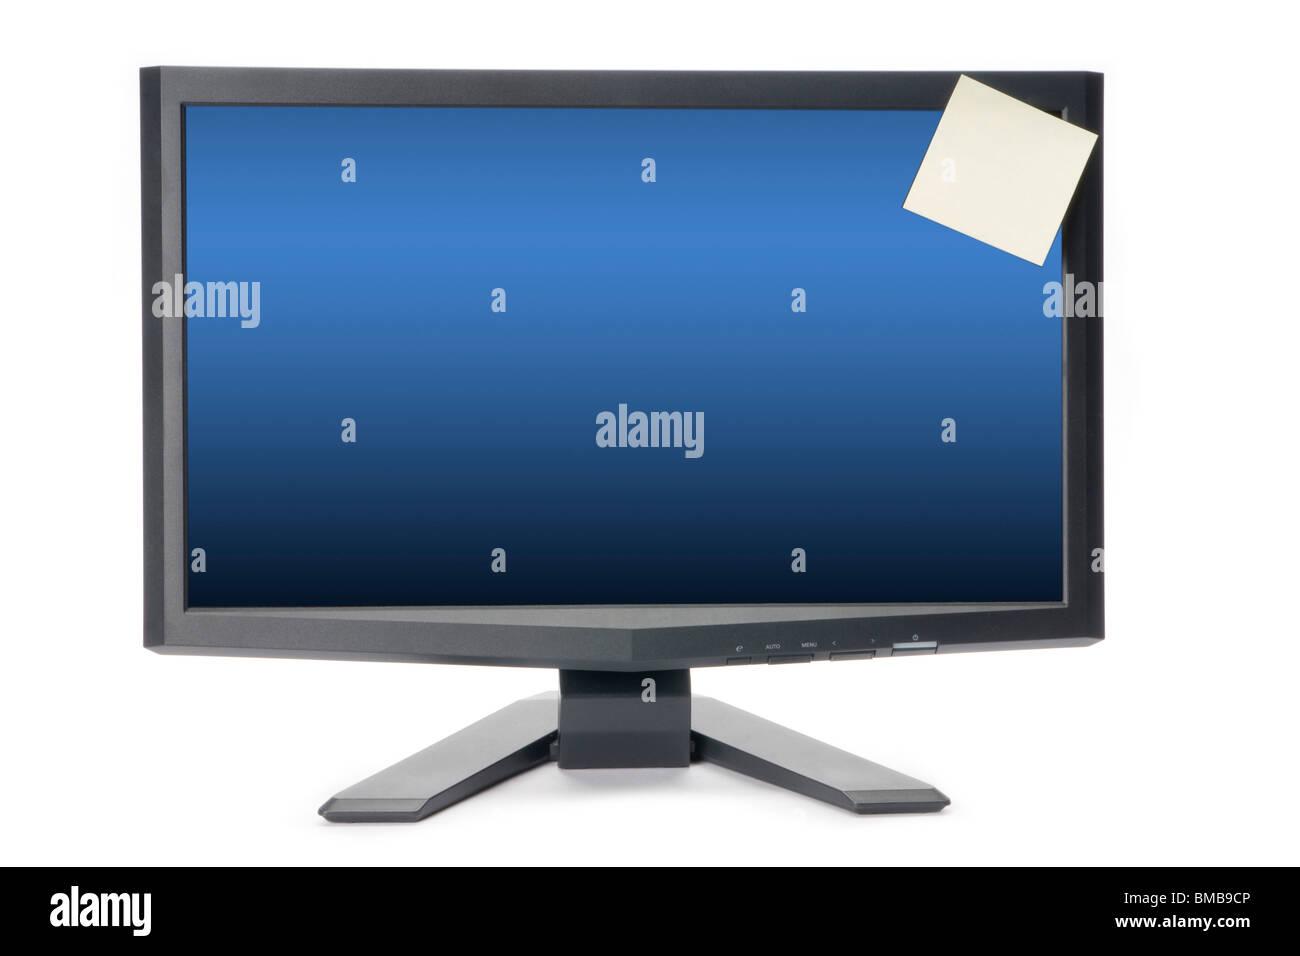 Comupter monitor con post-it nota adesiva Immagini Stock